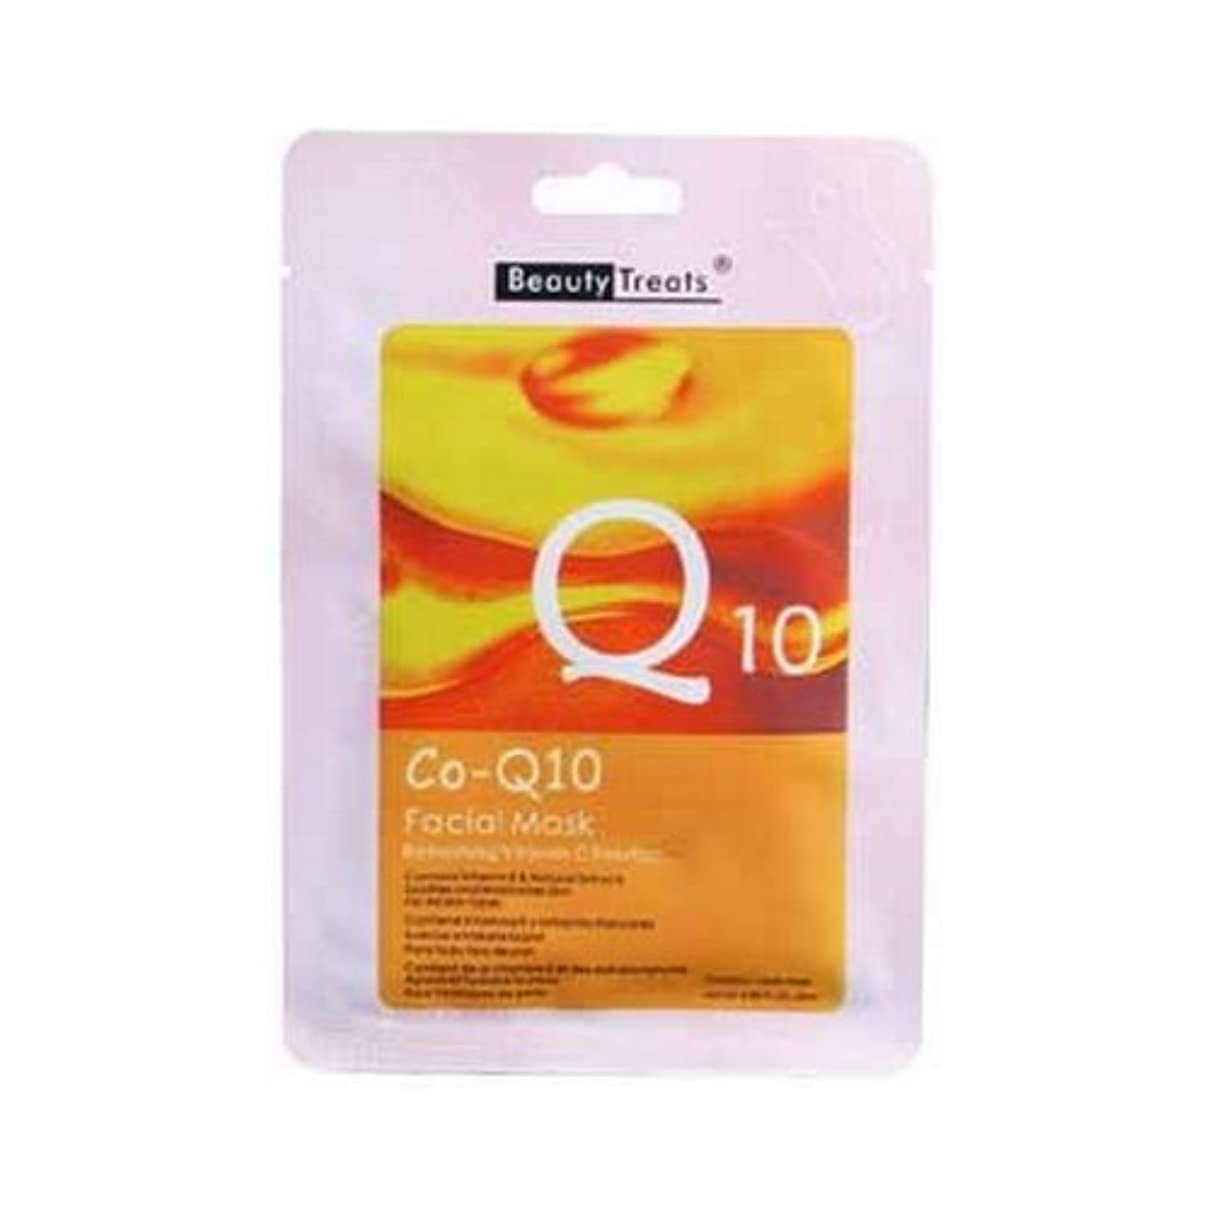 大きい重力シャイニング(6 Pack) BEAUTY TREATS Facial Mask Refreshing Vitamin C Solution - Co-Q10 (並行輸入品)